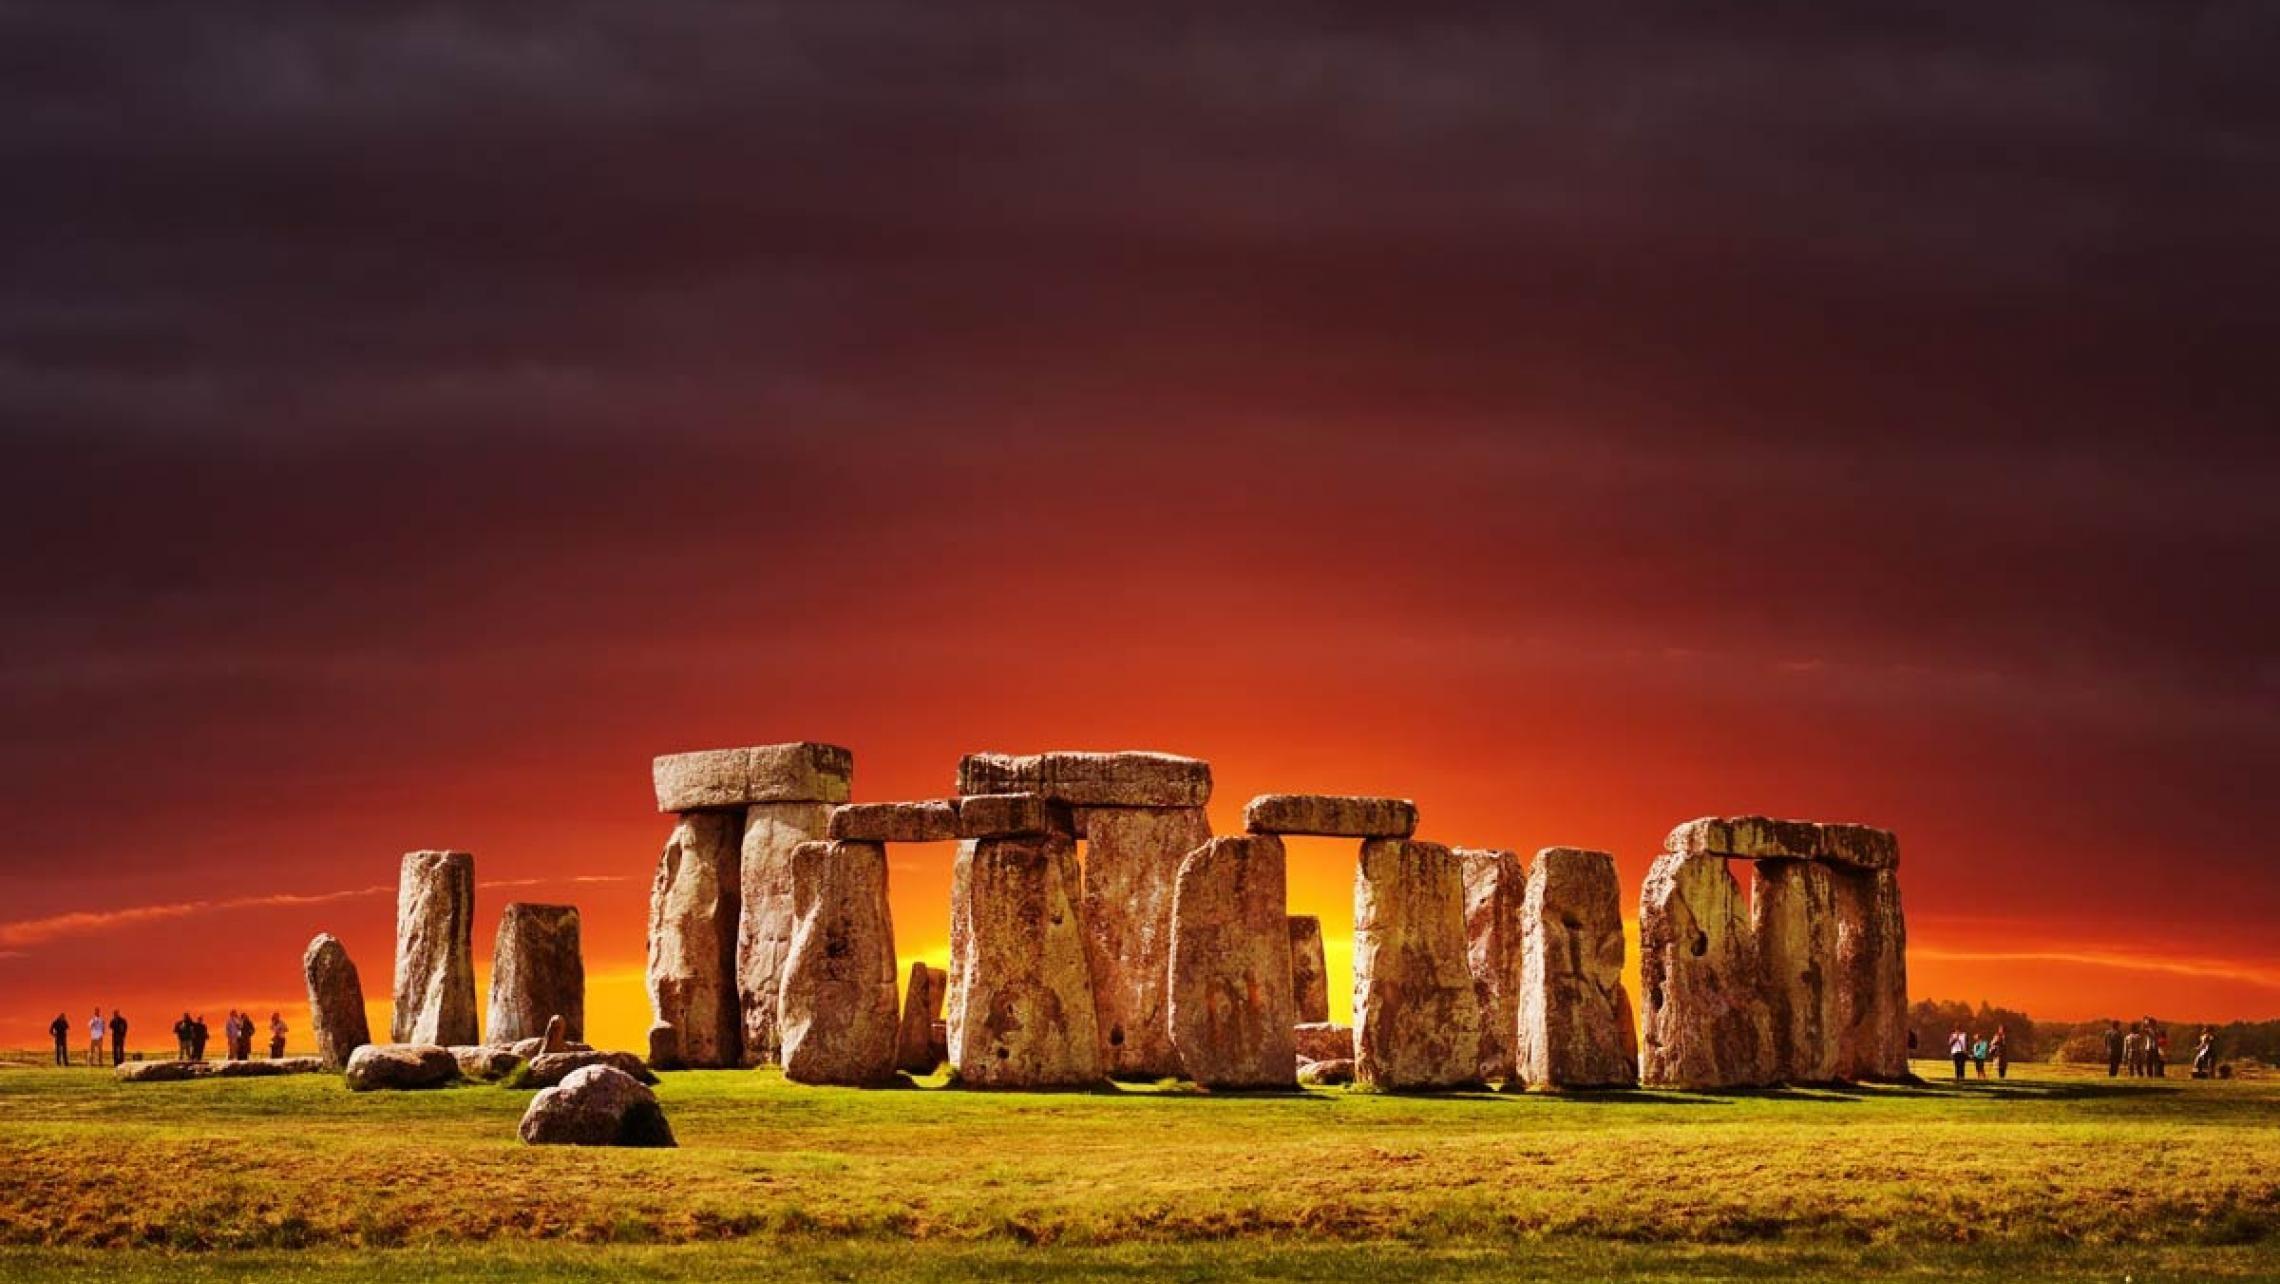 El Solsticio de verano, una fecha cósmica y mágica | Red Milenaria